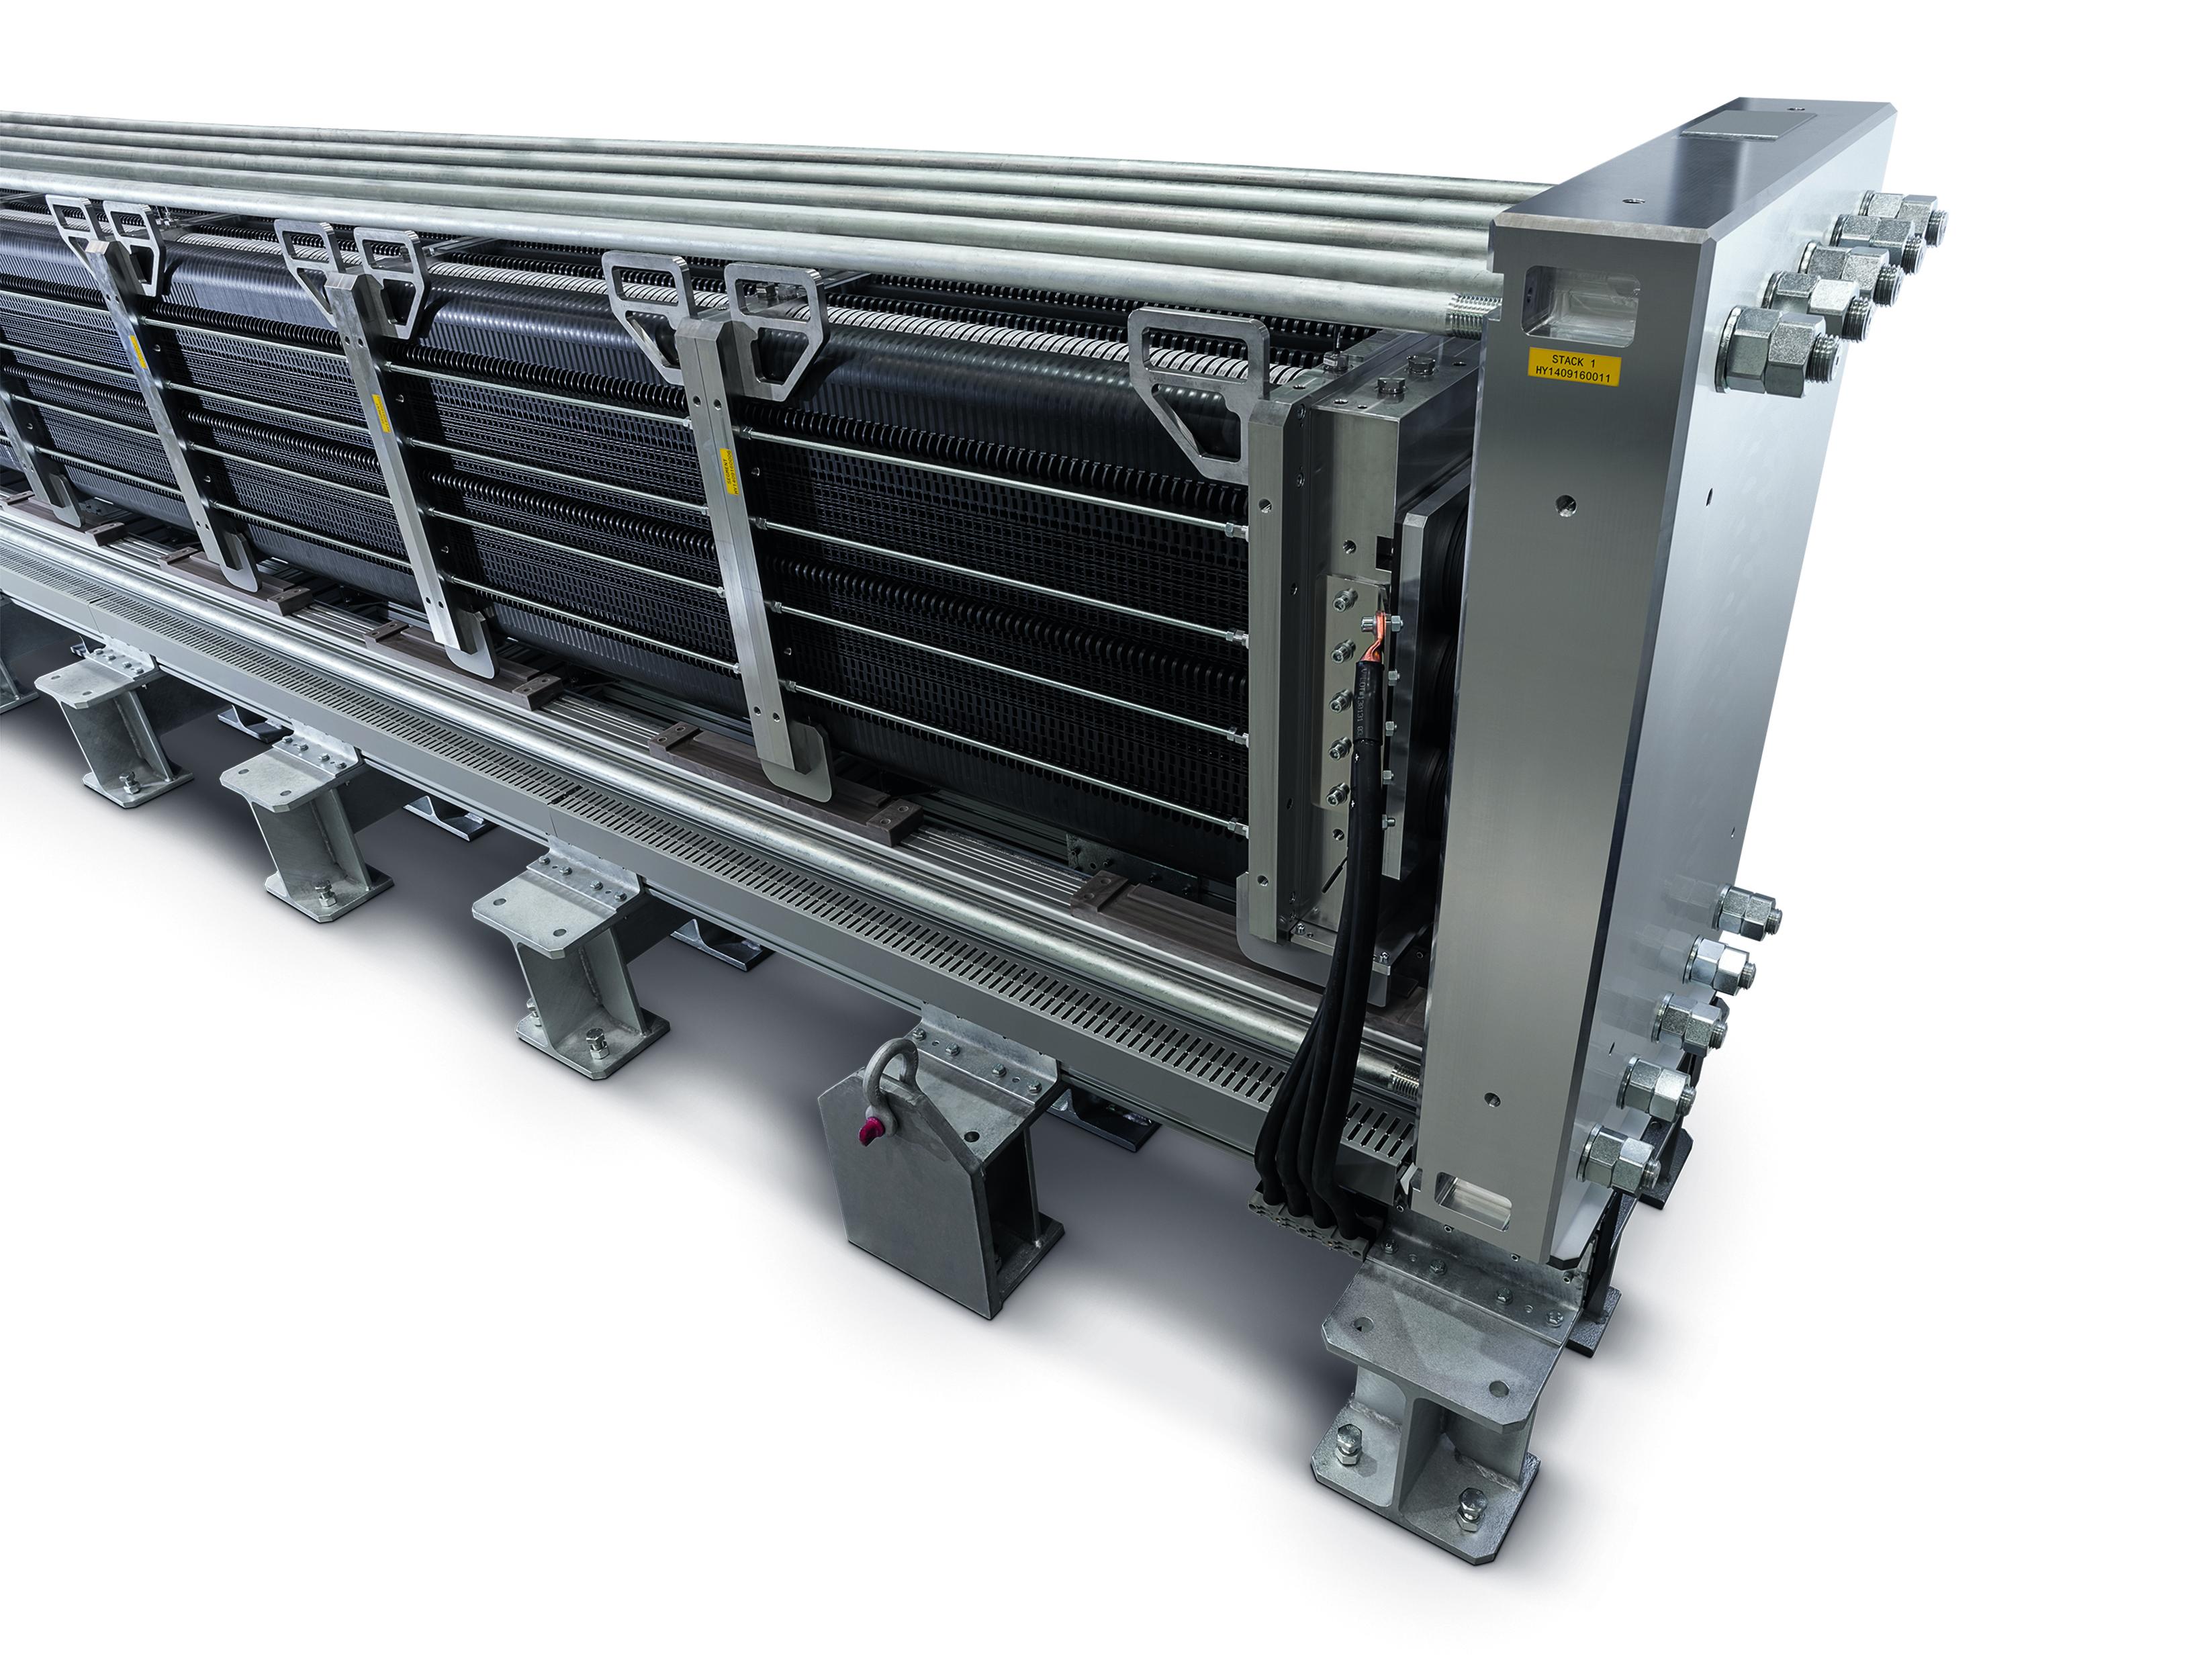 Siemens Silyzer 200